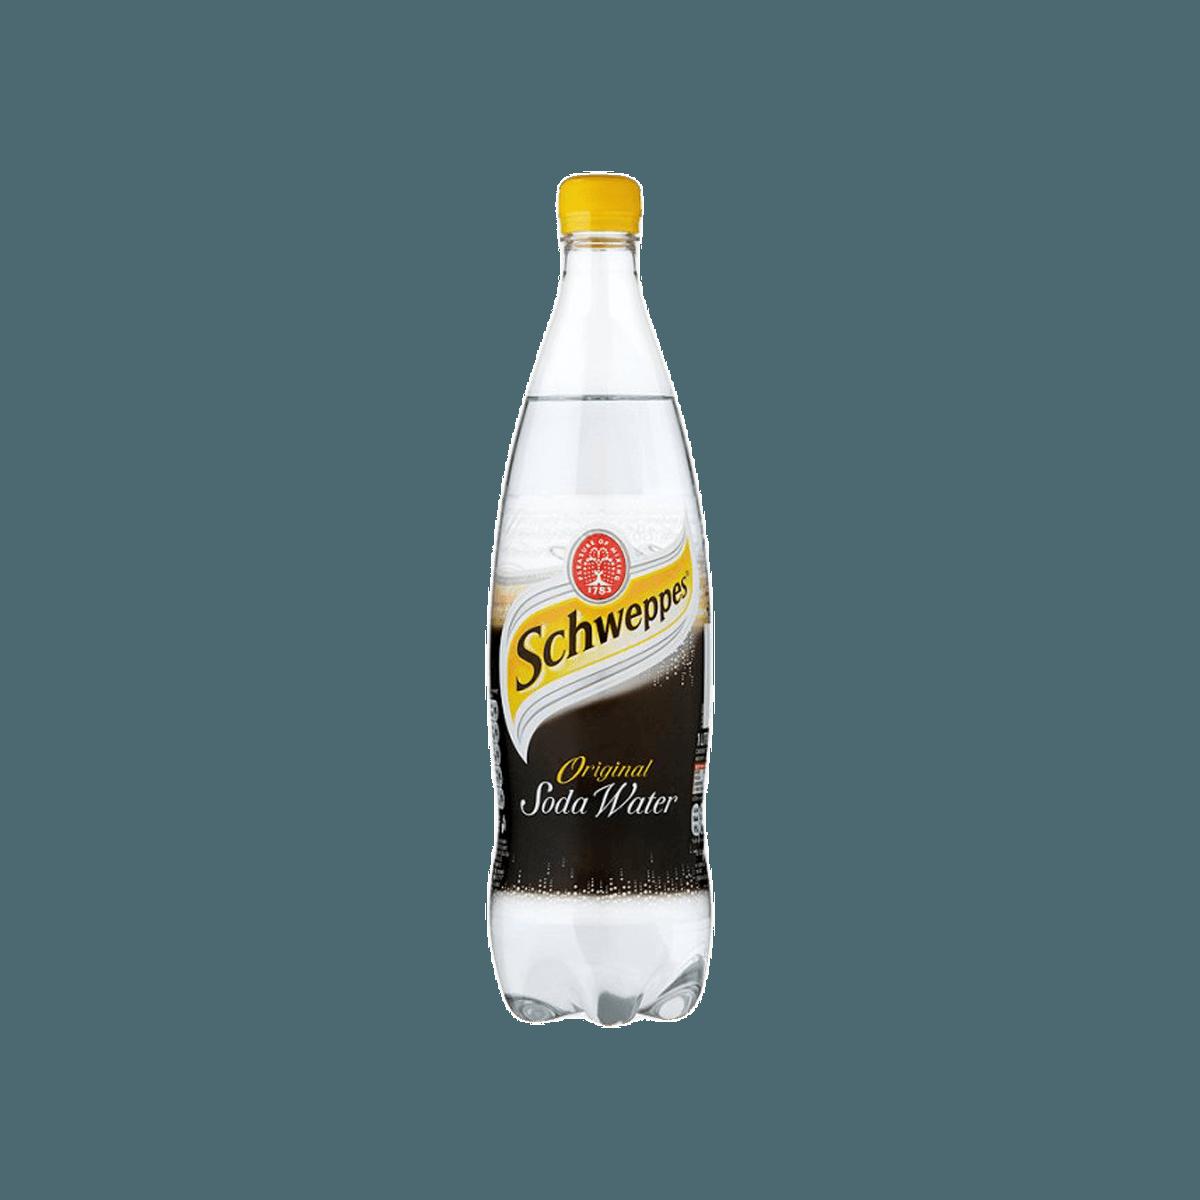 شويبس الماء الصودا في زجاجة 1 ل Undefined